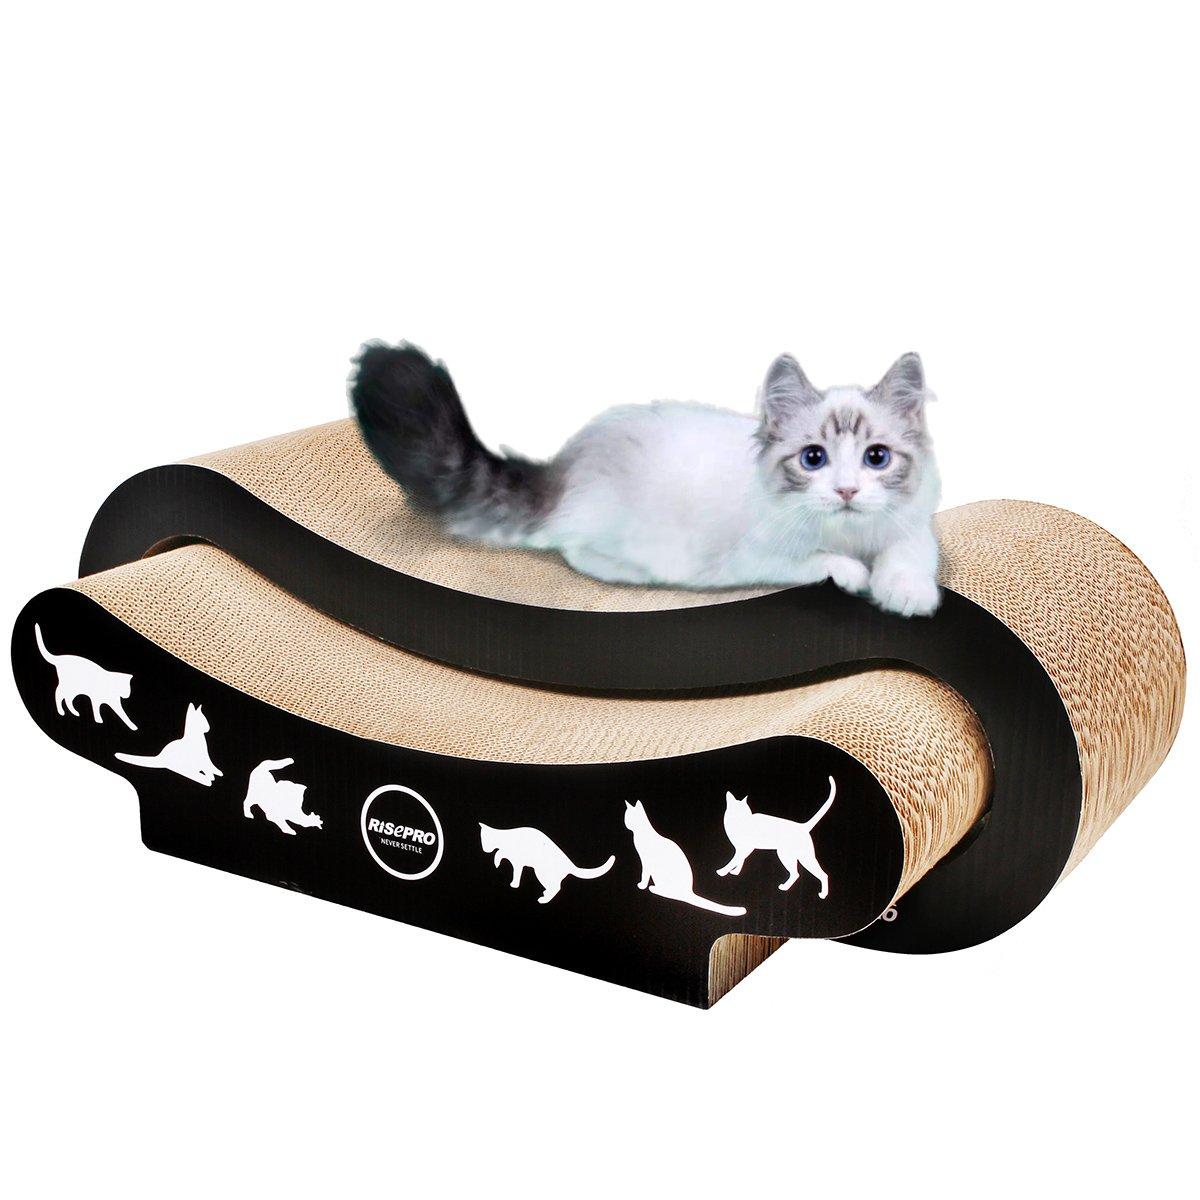 RISEPRO 2-IN-1 Ultimate Cat Scratching Post, Cat Scratcher, Cat Lounge, Cat Sofa, Corrugated Cardboard by RISEPRO (Image #1)